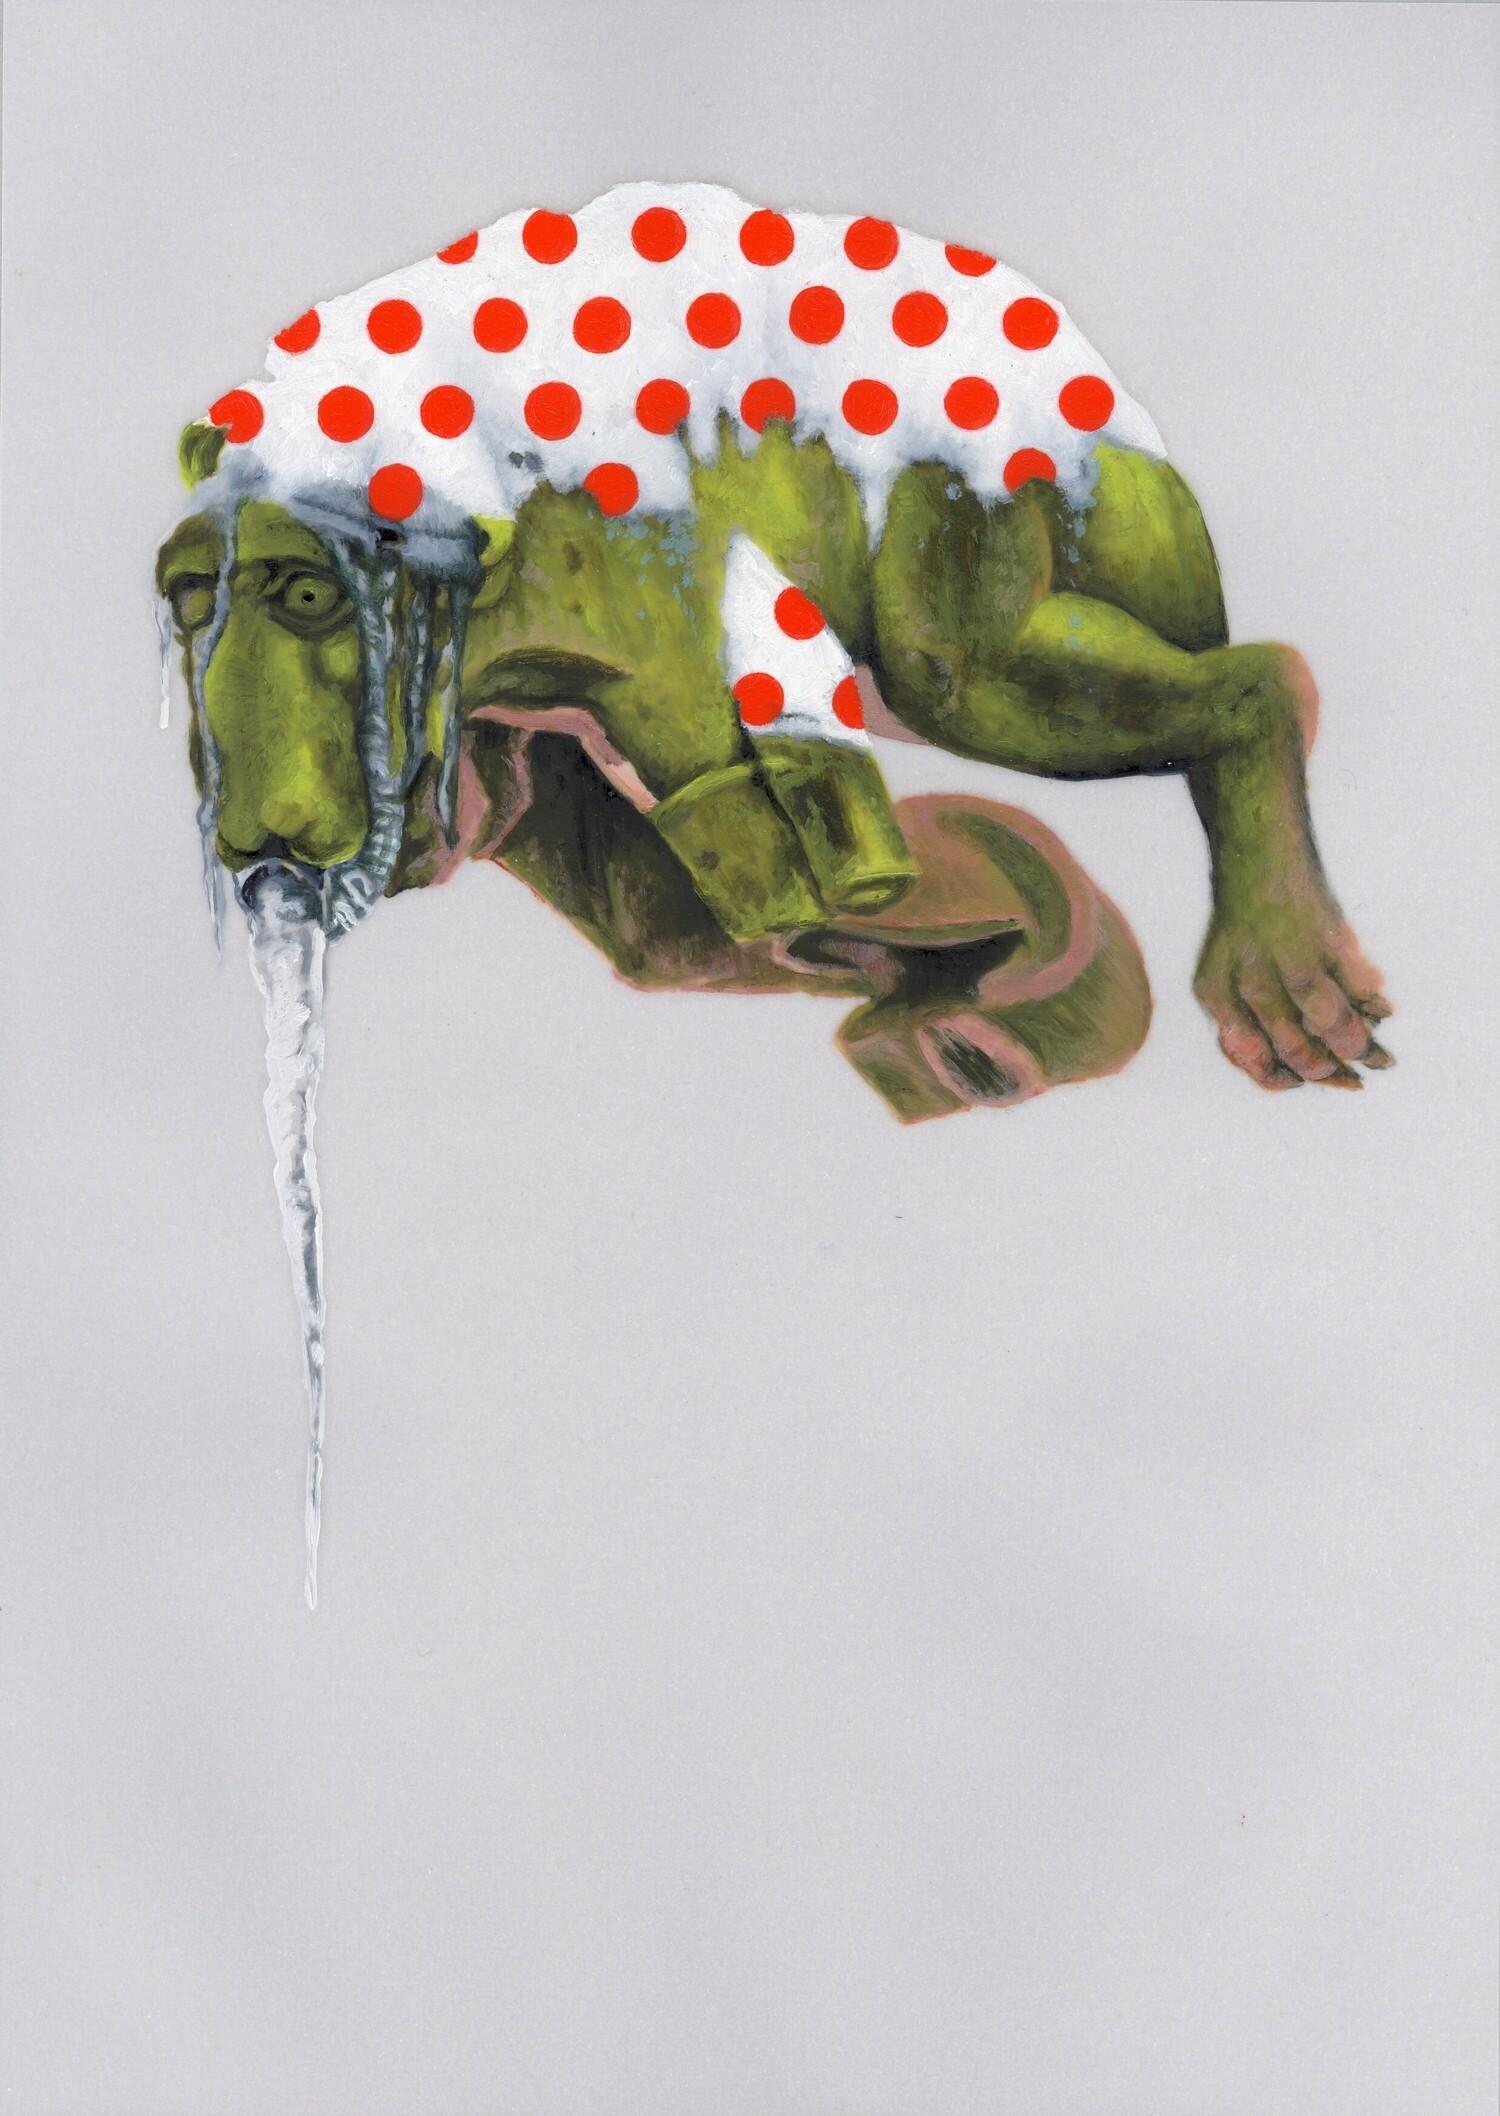 Vellum 20#2012, 29,7 x 21 cm, Öl auf Transparentpapier